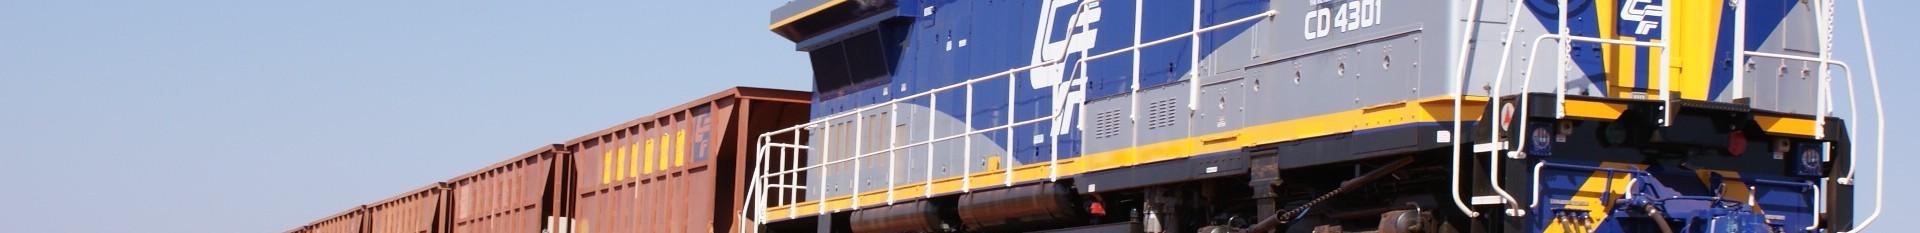 Train WA